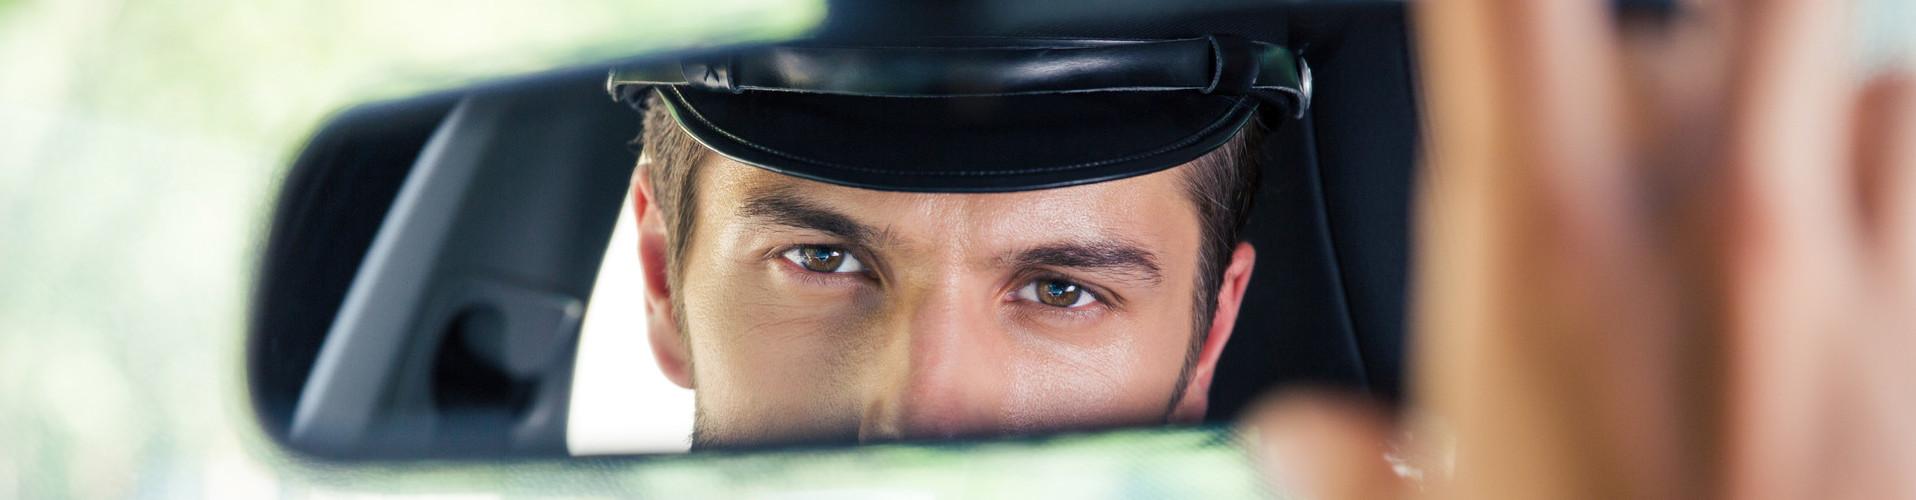 Man sieht das Gesicht eines Fahrers im Rückspiegel eines Wagens. Die rechte Hand stellt den Spiegel ein. © Drobot Dean, stock.adobe.com